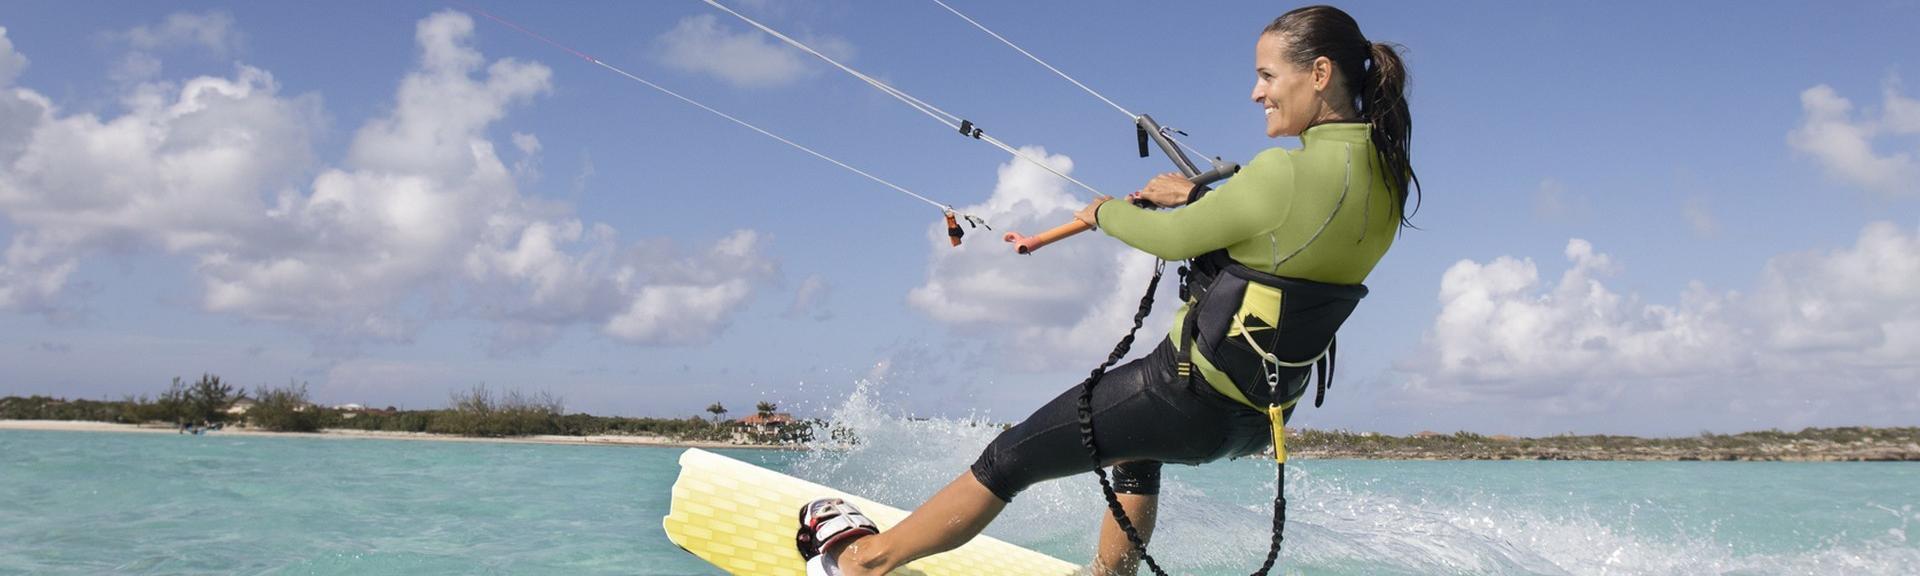 Les bénéfices du kitesurf pour la santé